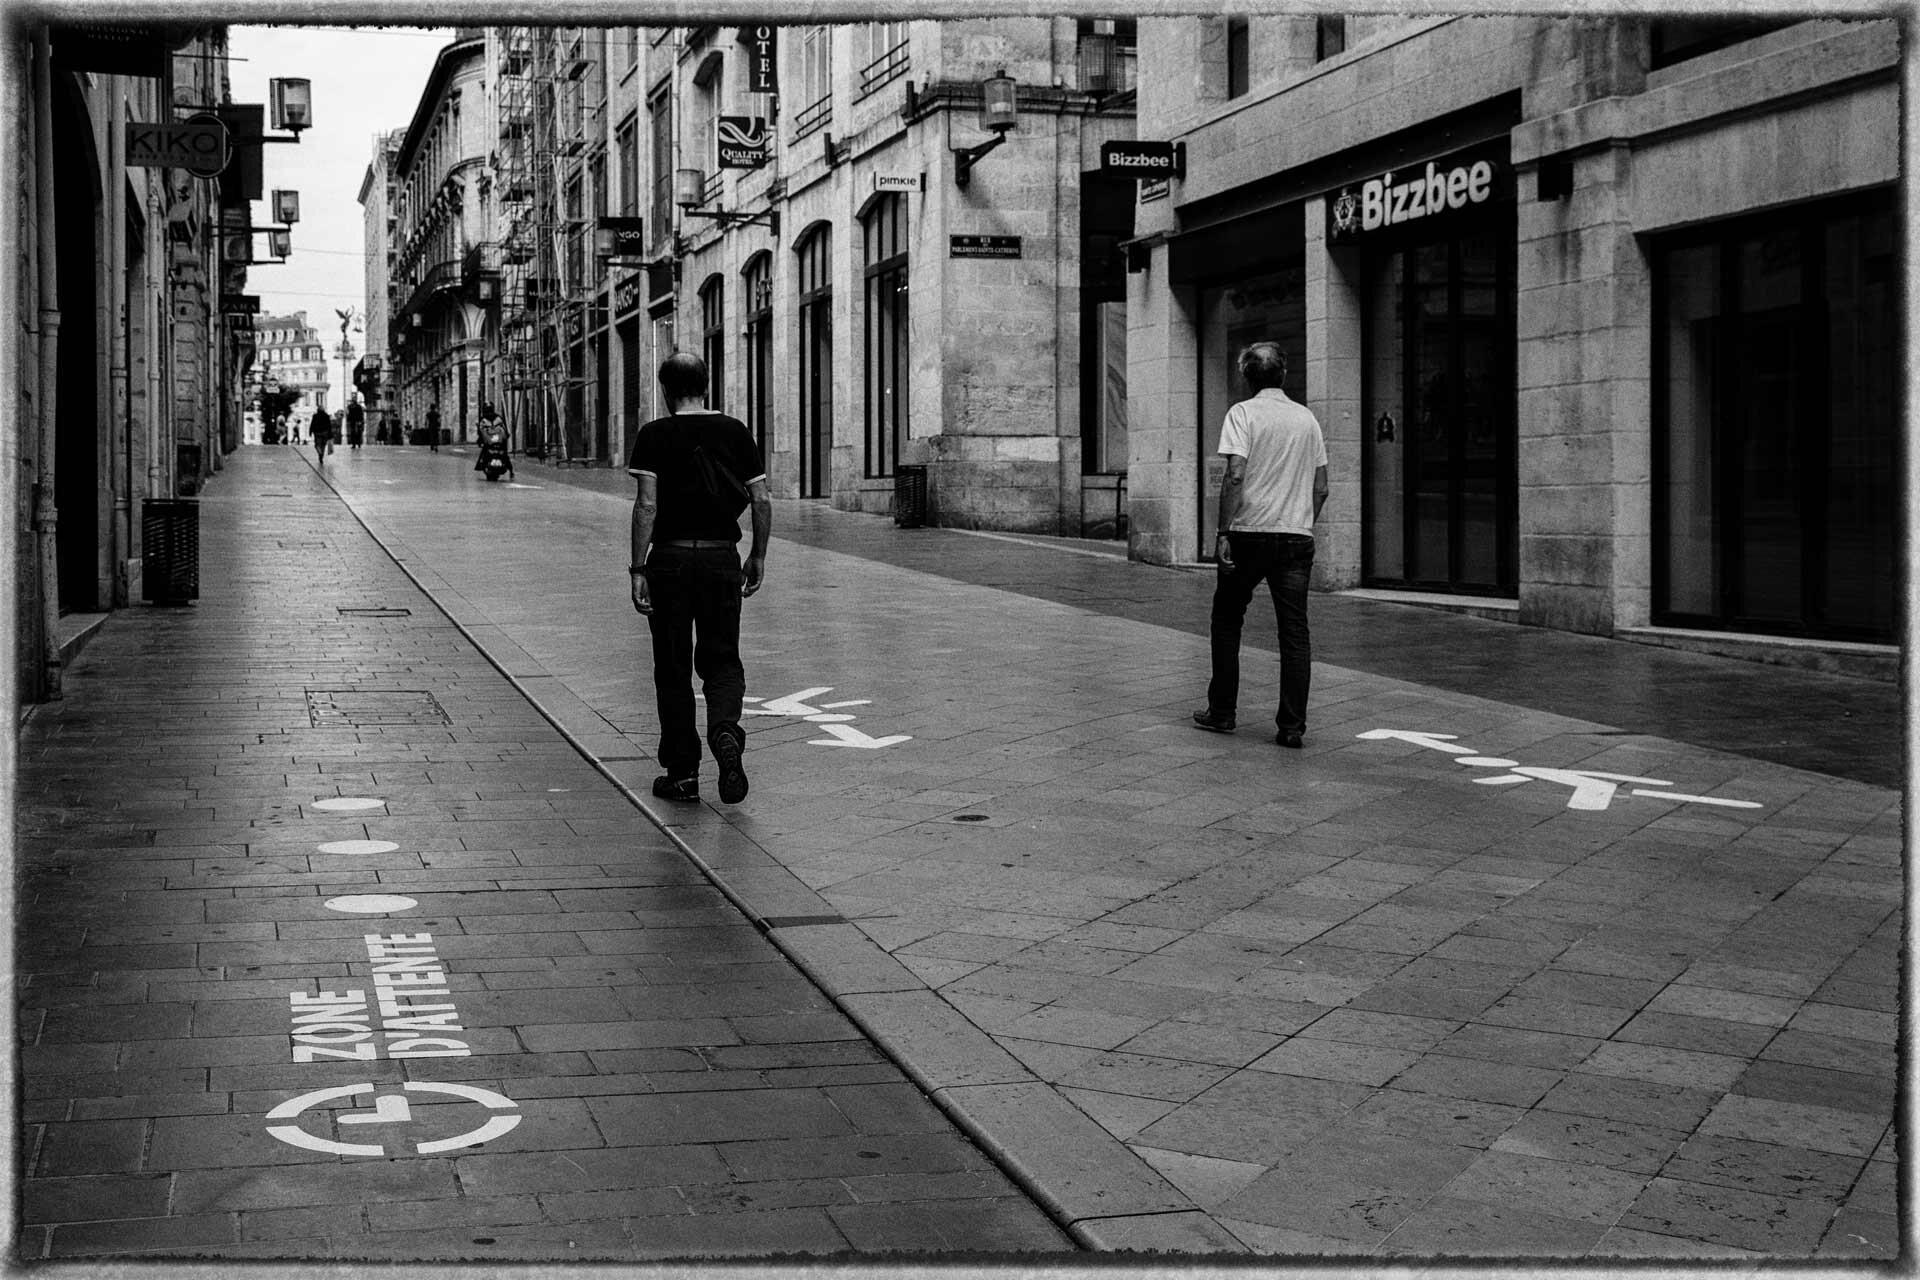 Deux personnes marchent dans la rue Sainte-Catherine, découvrant les marquages au sol pour que les piétons respectent les sens de circulation.